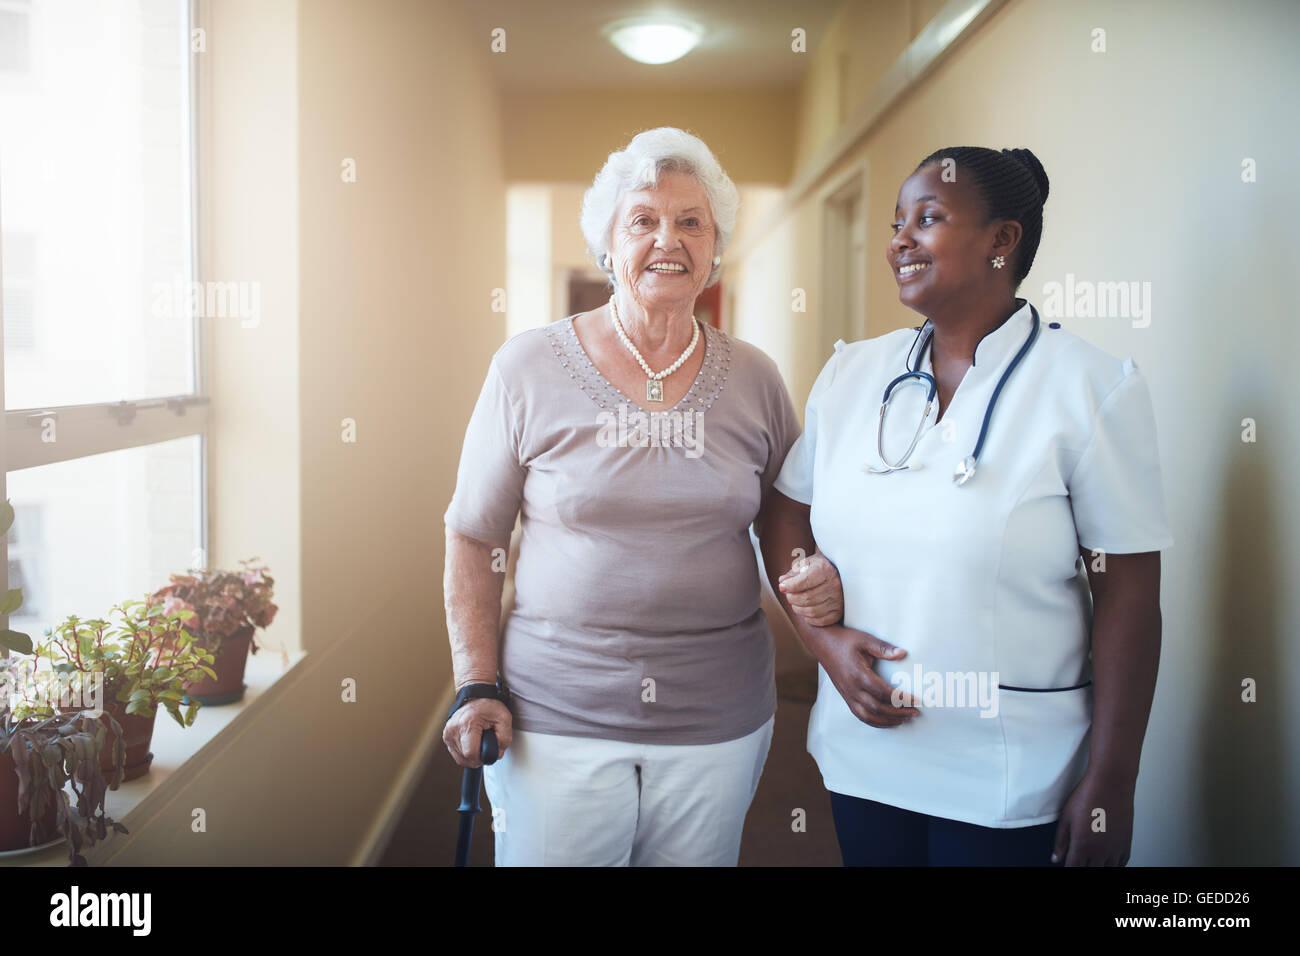 Professionnels de la santé et des hauts femme ensemble au foyer de soins. Prendre soin femme médecin aidant Photo Stock